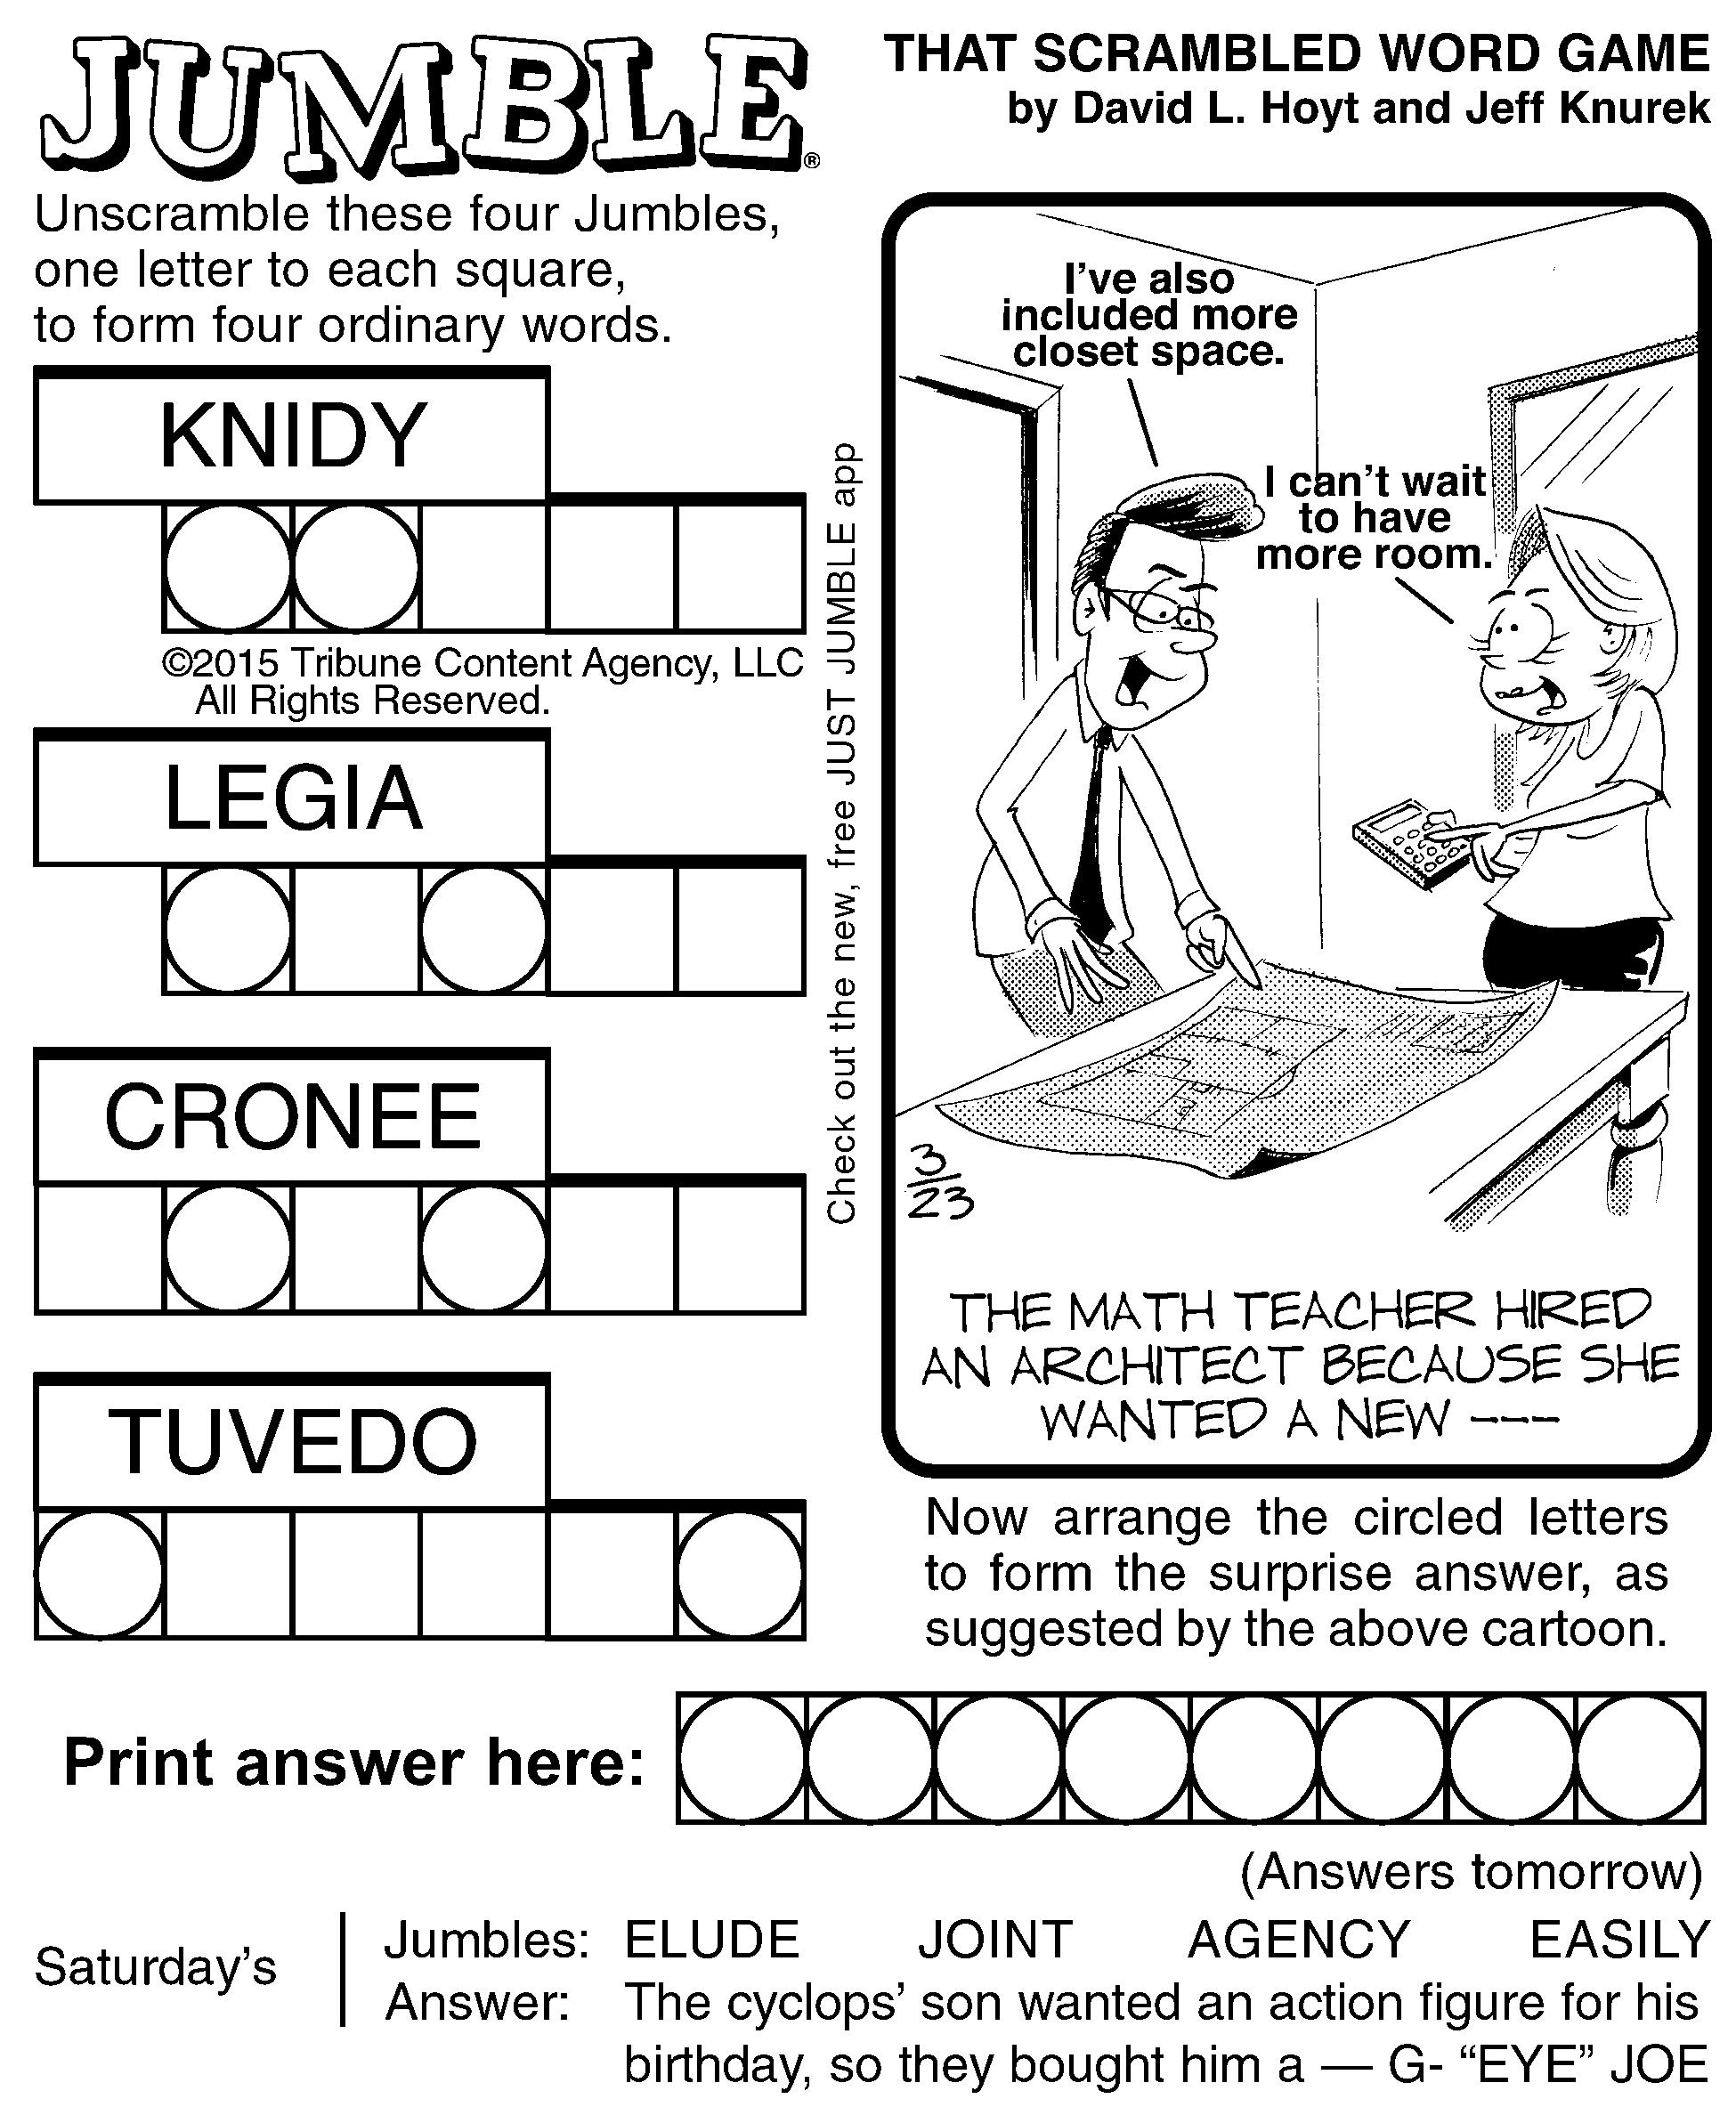 Jumble Archives | Tribune Content Agency - Jumble Puzzle Printable - Printable Jumble Crossword Puzzles